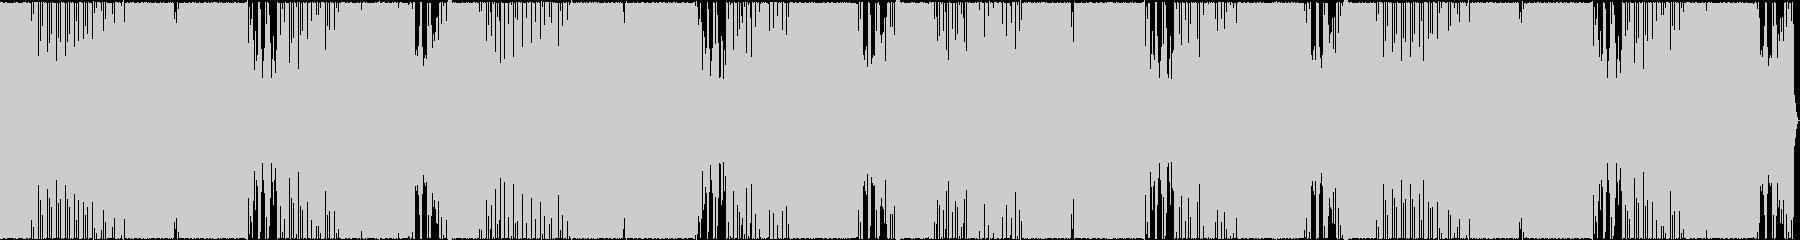 ピアノが爽やか明るいポップなBGM12分の未再生の波形